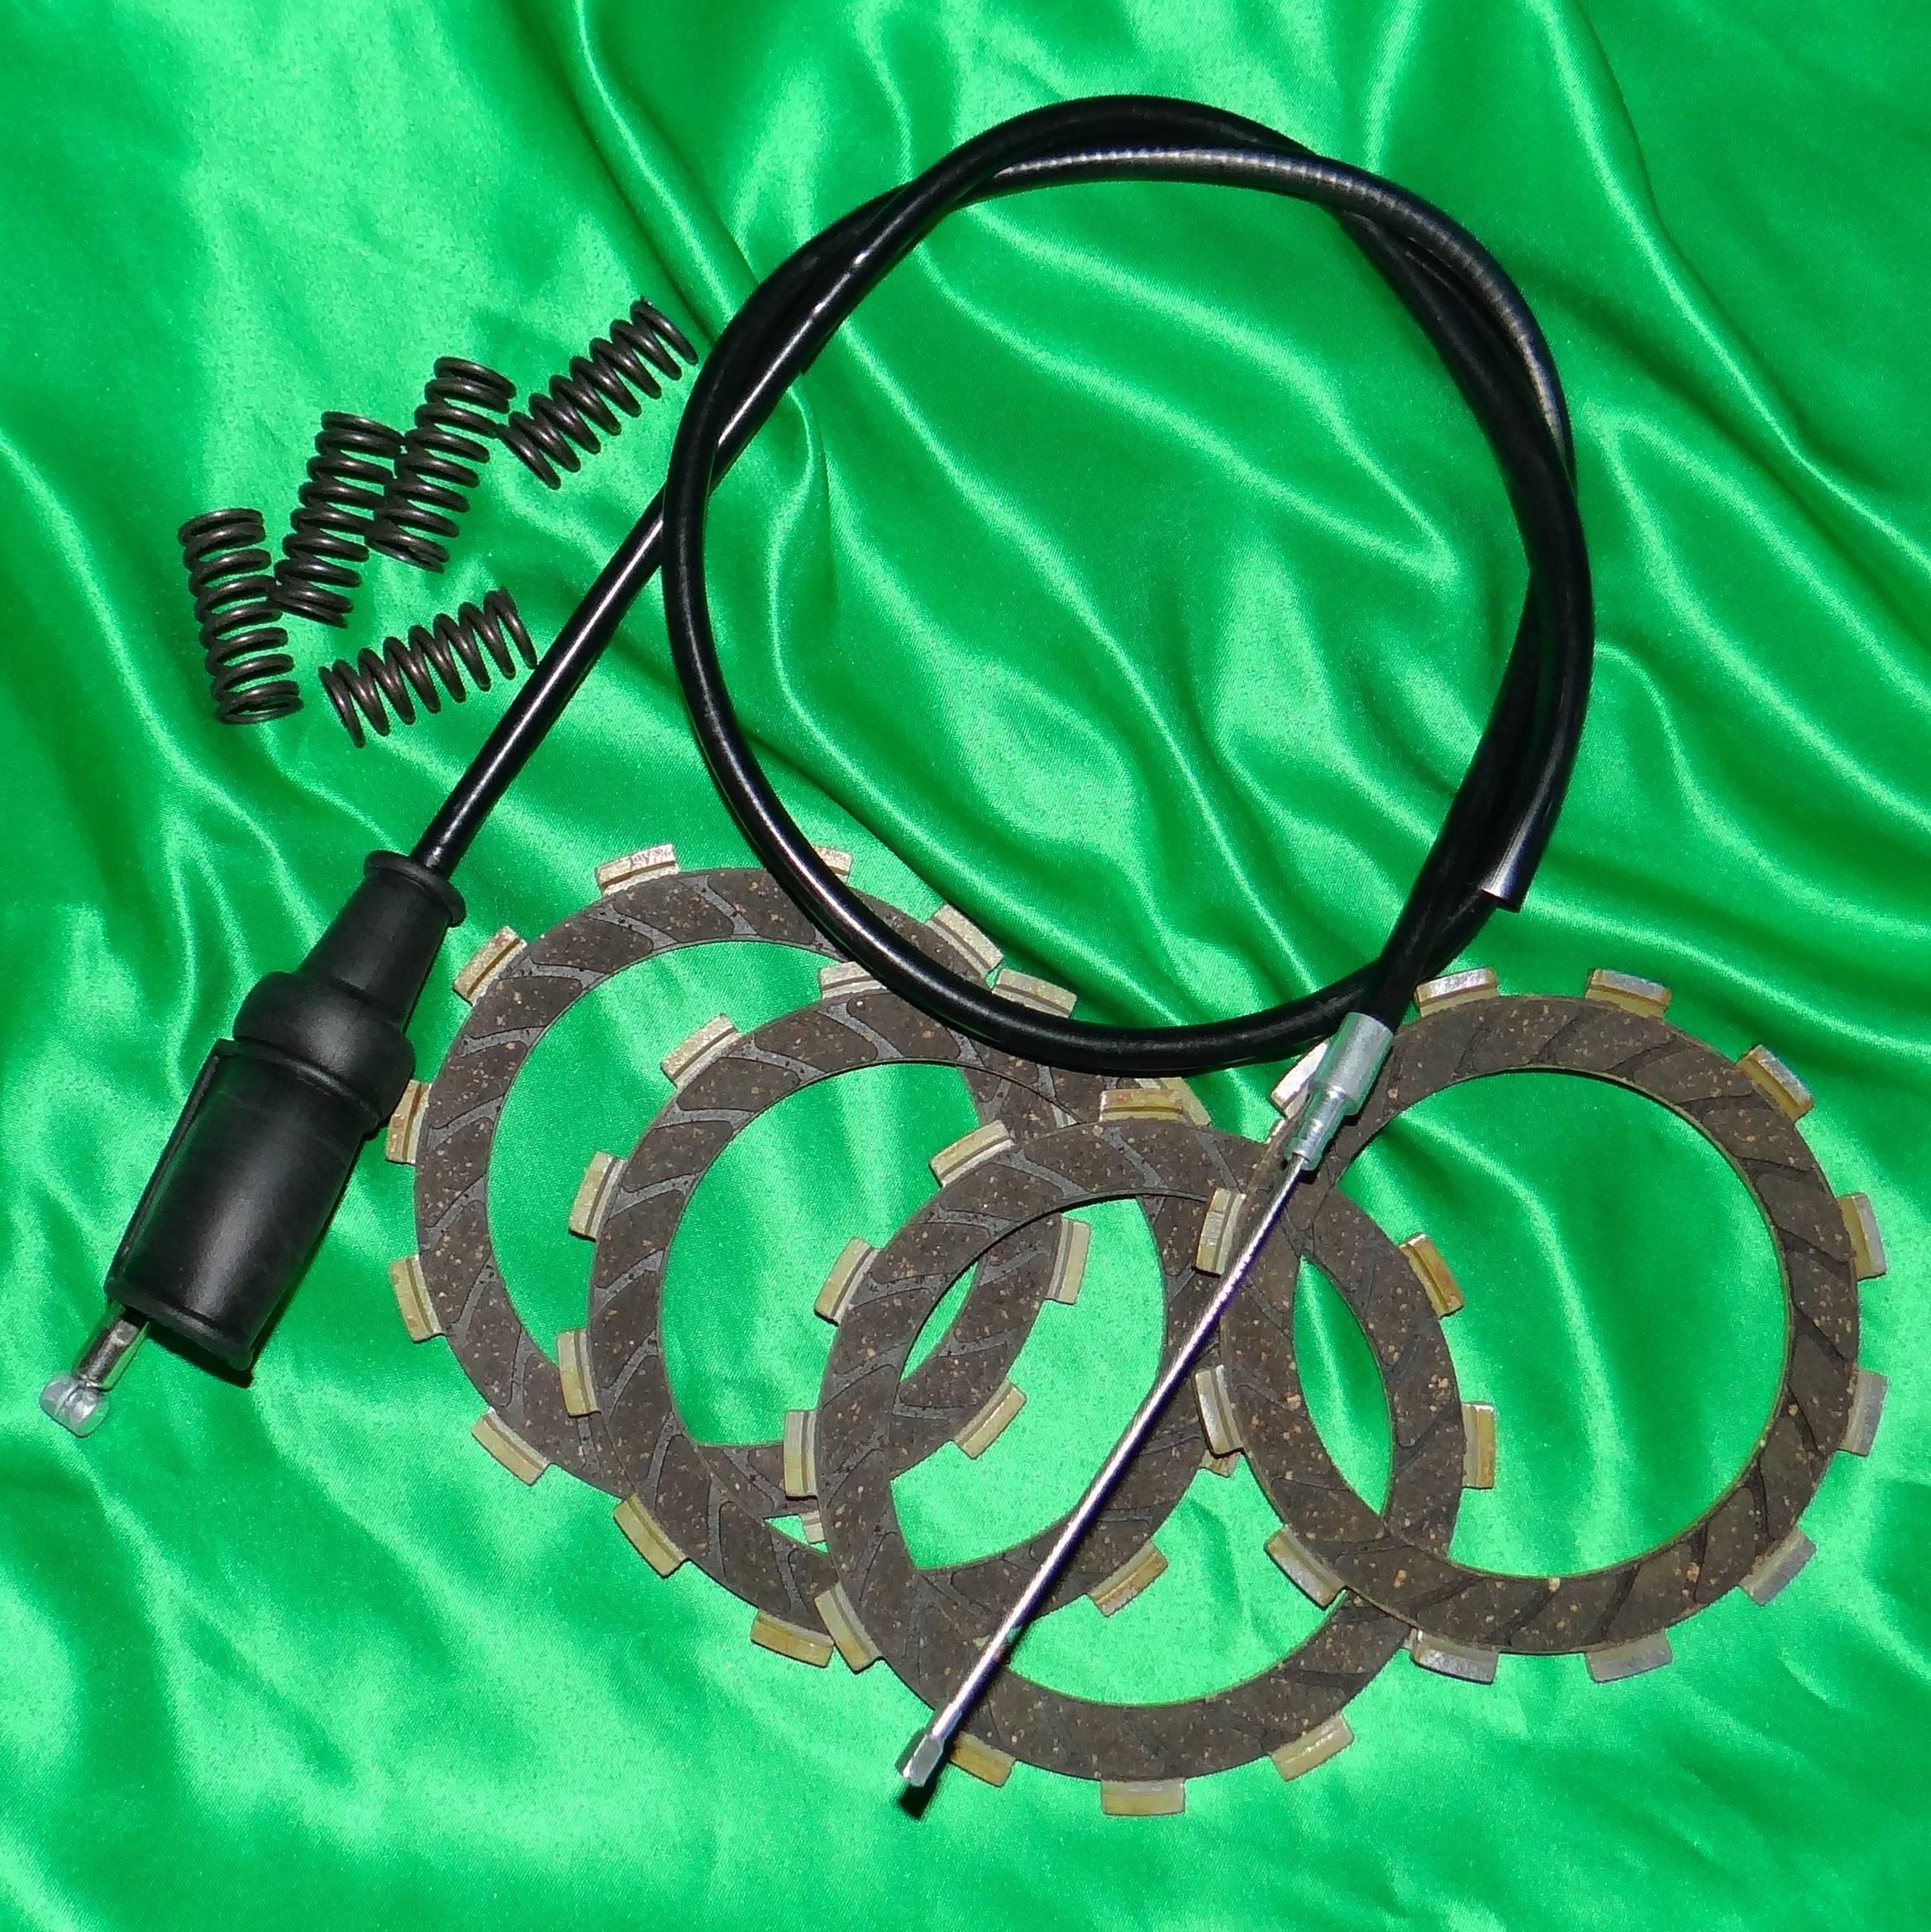 Disque d'embrayage, ressort, cable d'embrayage,... pour HUSABERG 2 temps